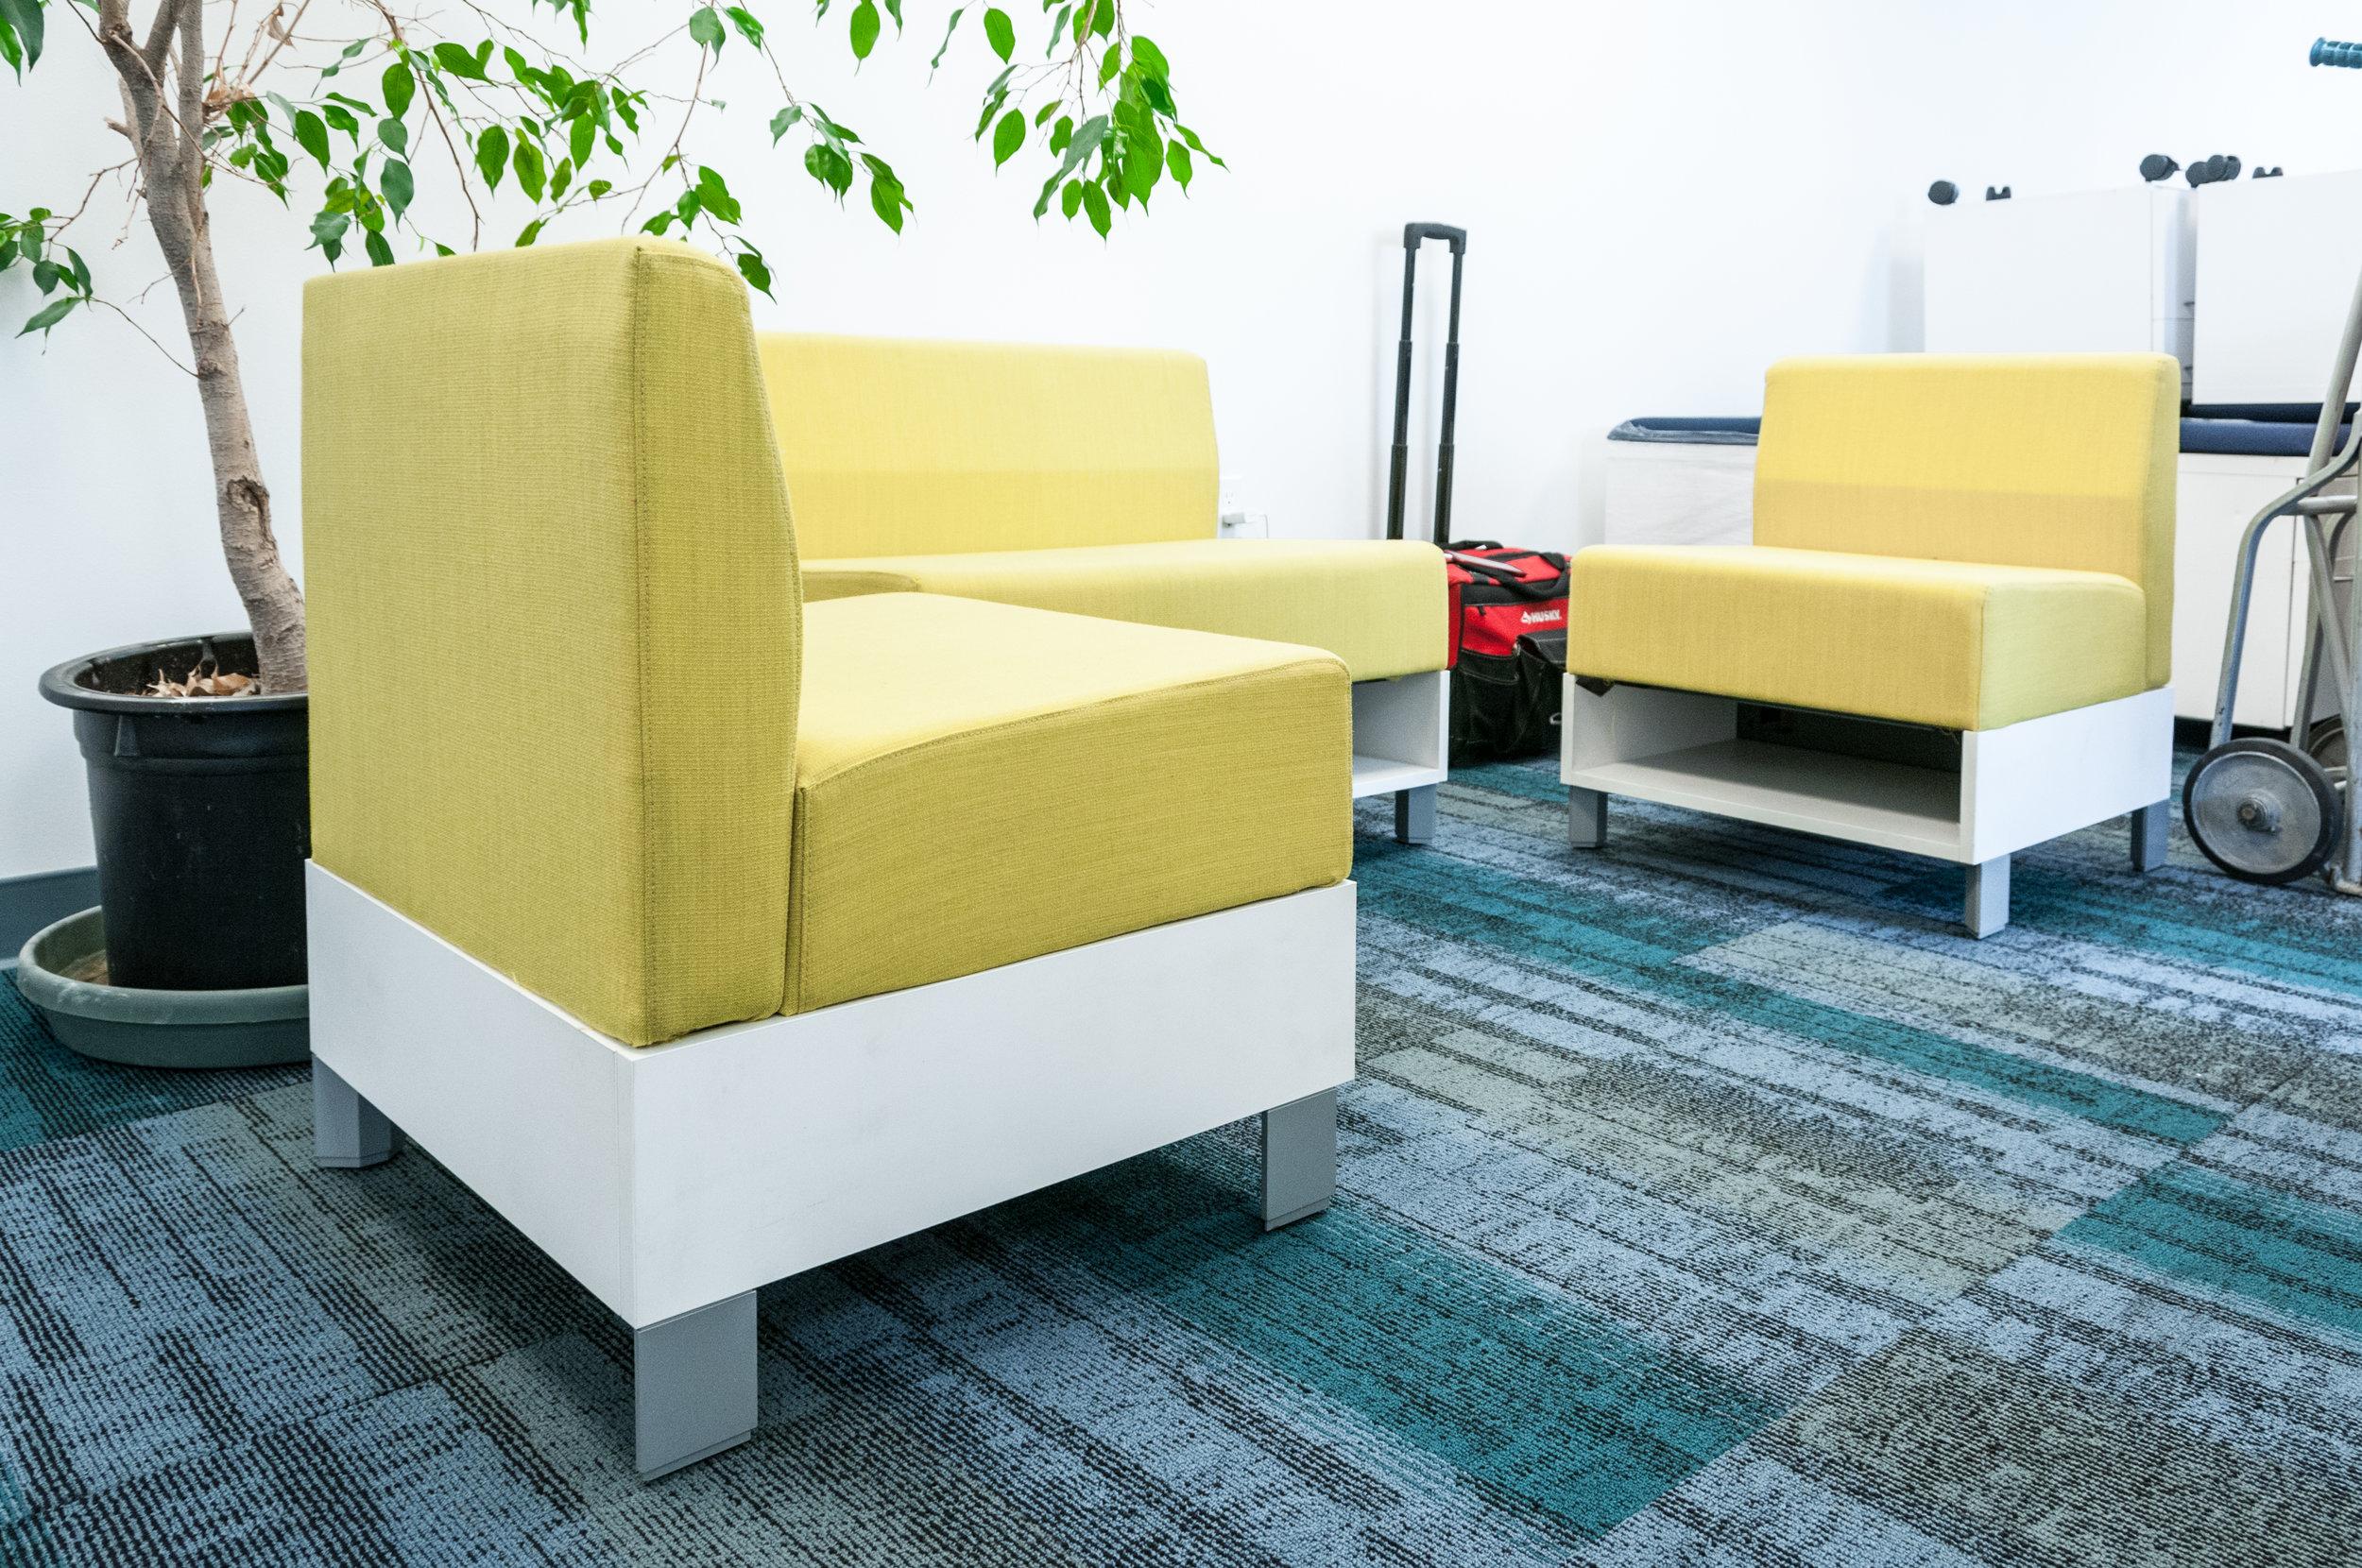 Goodwill-lounge-1.jpg